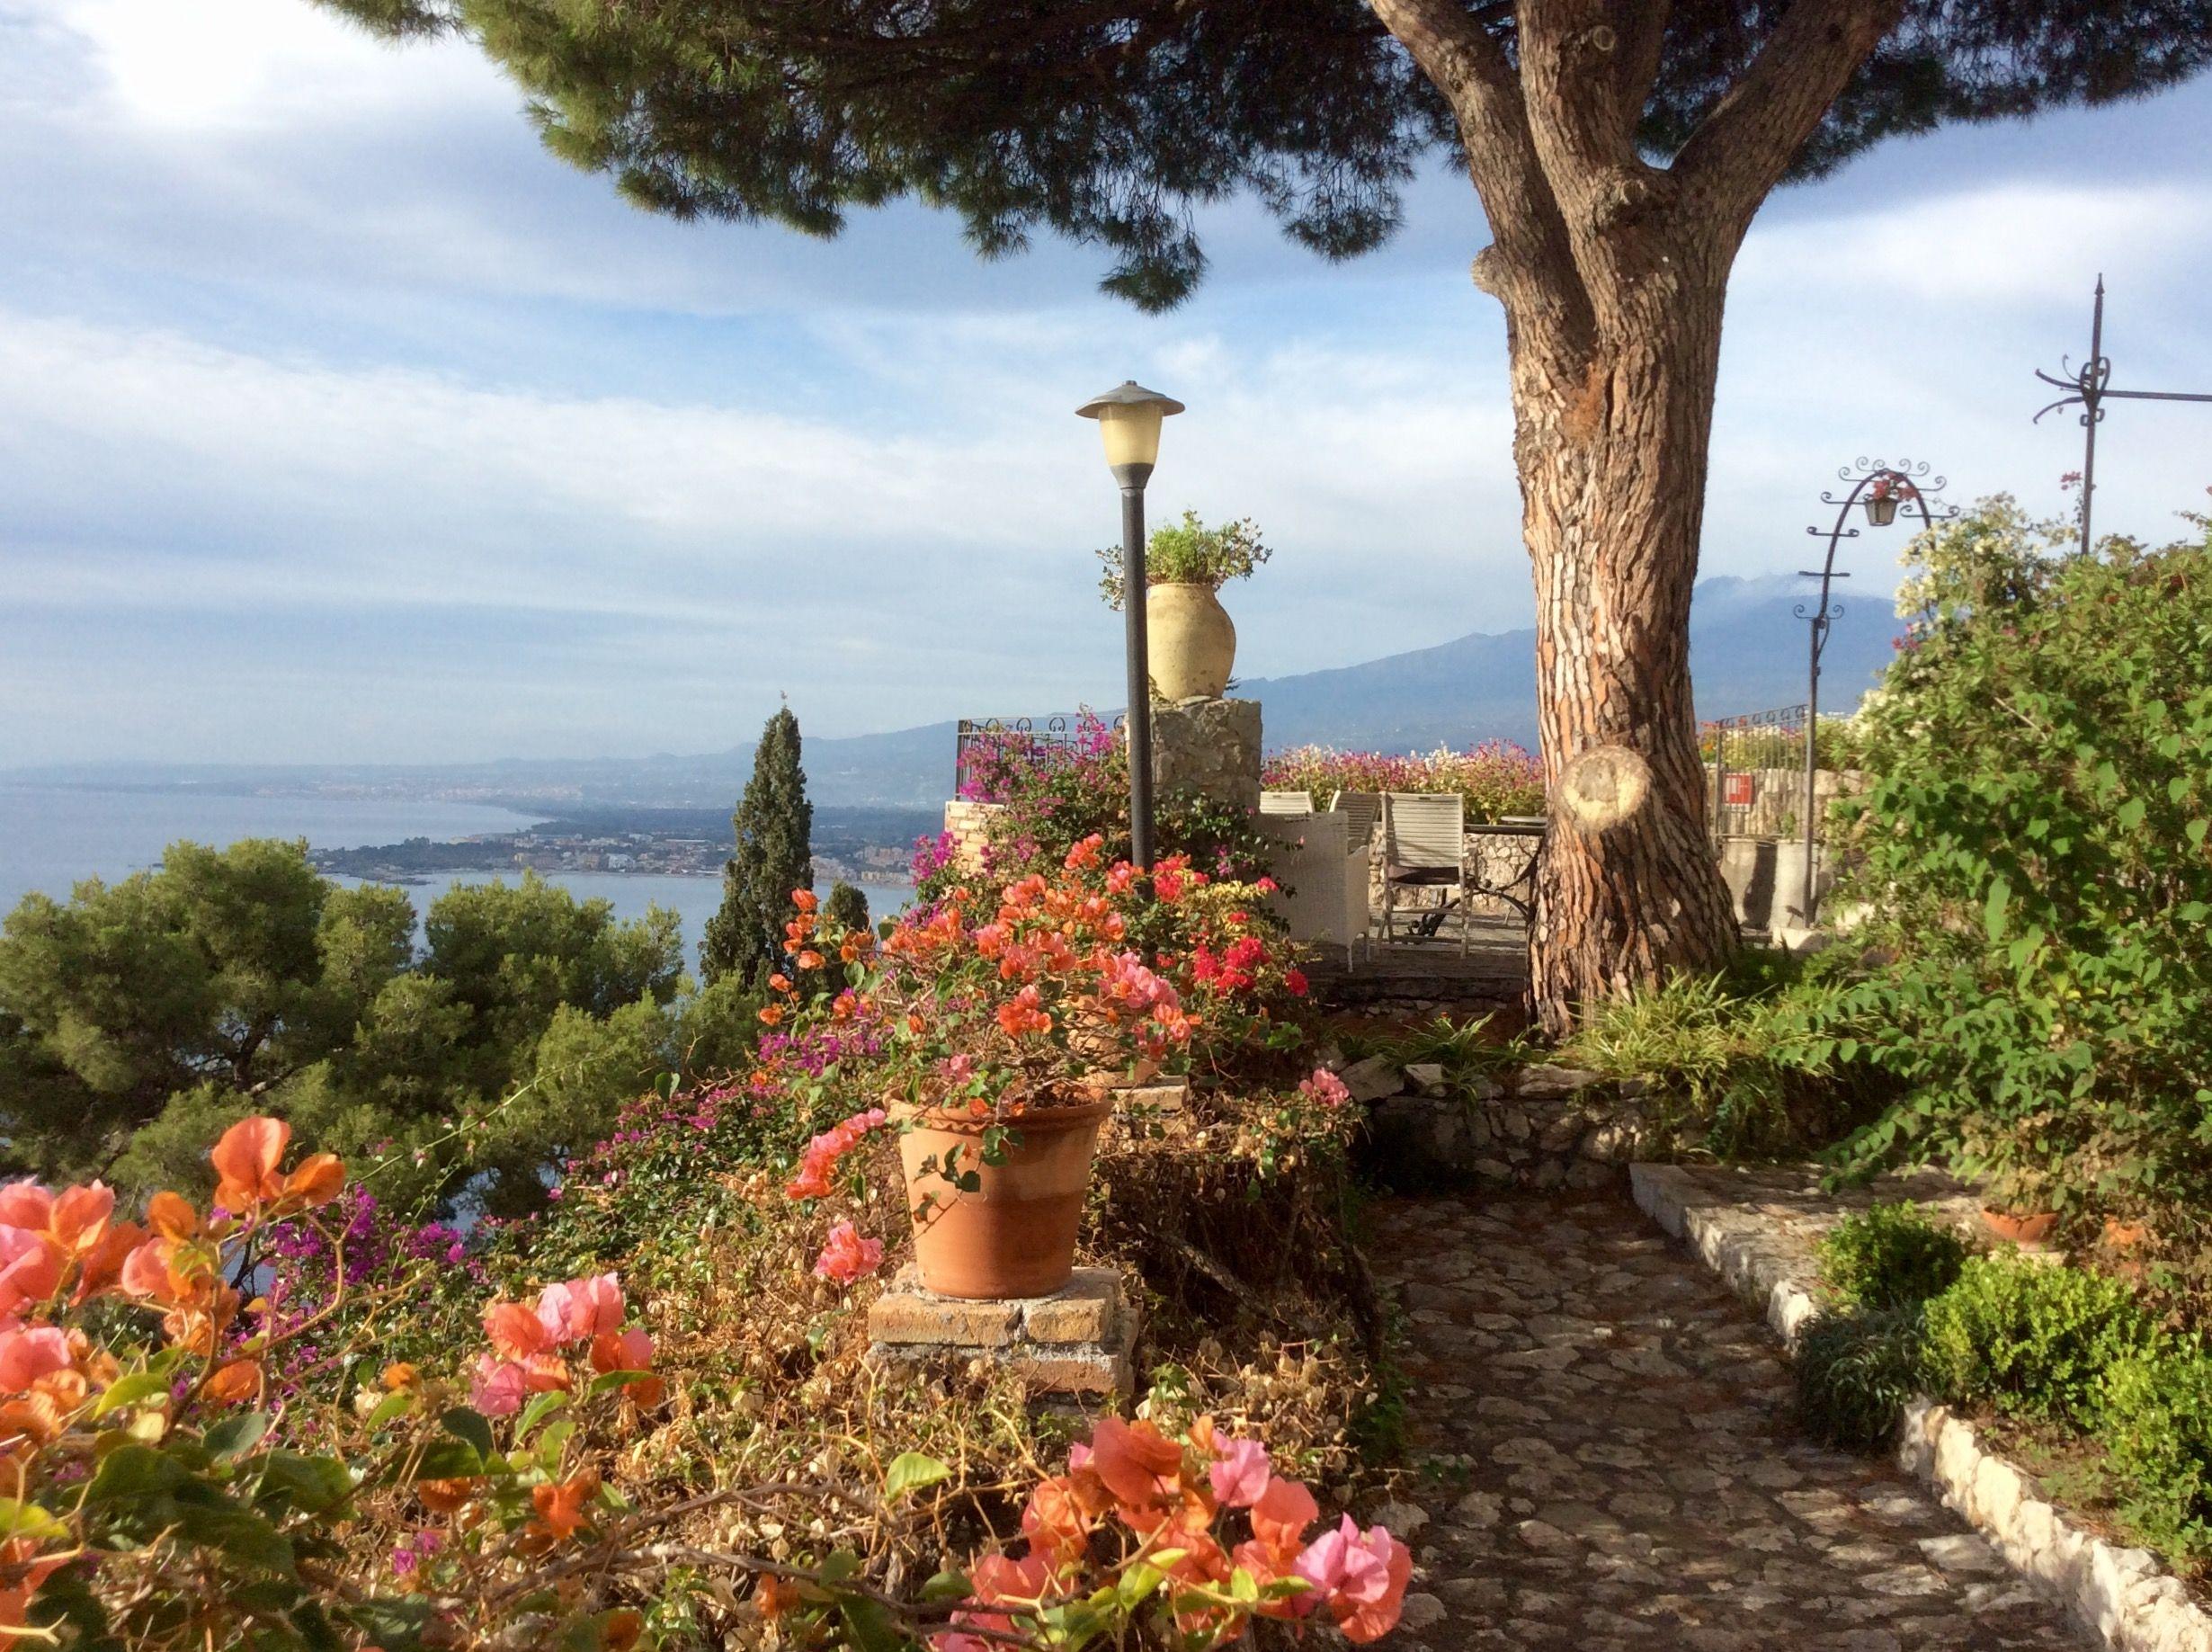 Garten vom Hotel Bel Soggiorno | Taormina | Pinterest